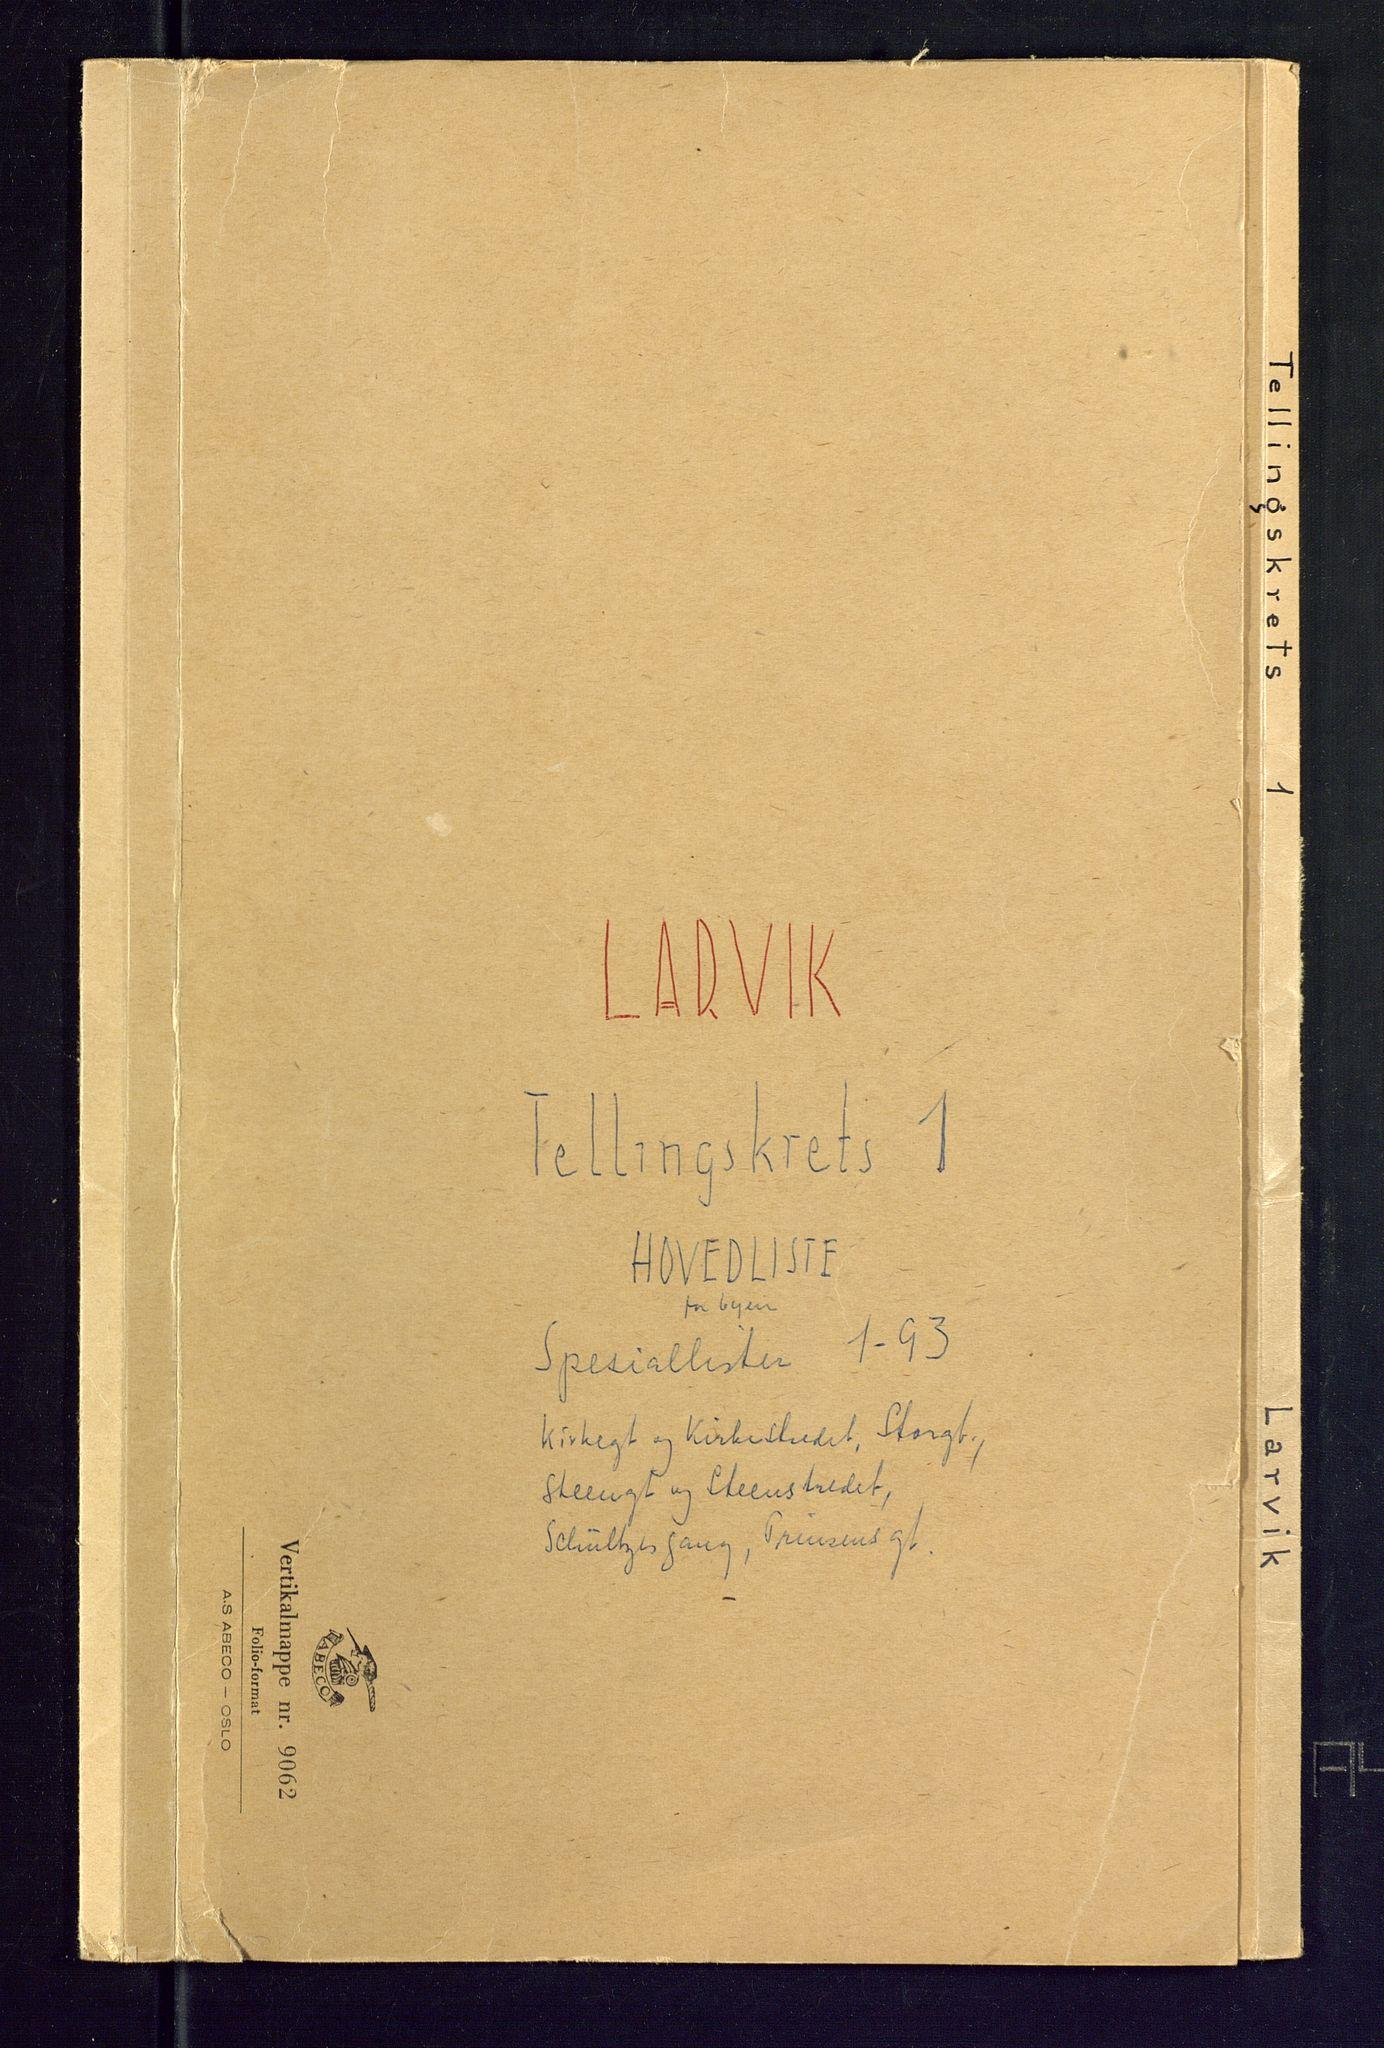 SAKO, Folketelling 1875 for 0707P Larvik prestegjeld, 1875, s. 1